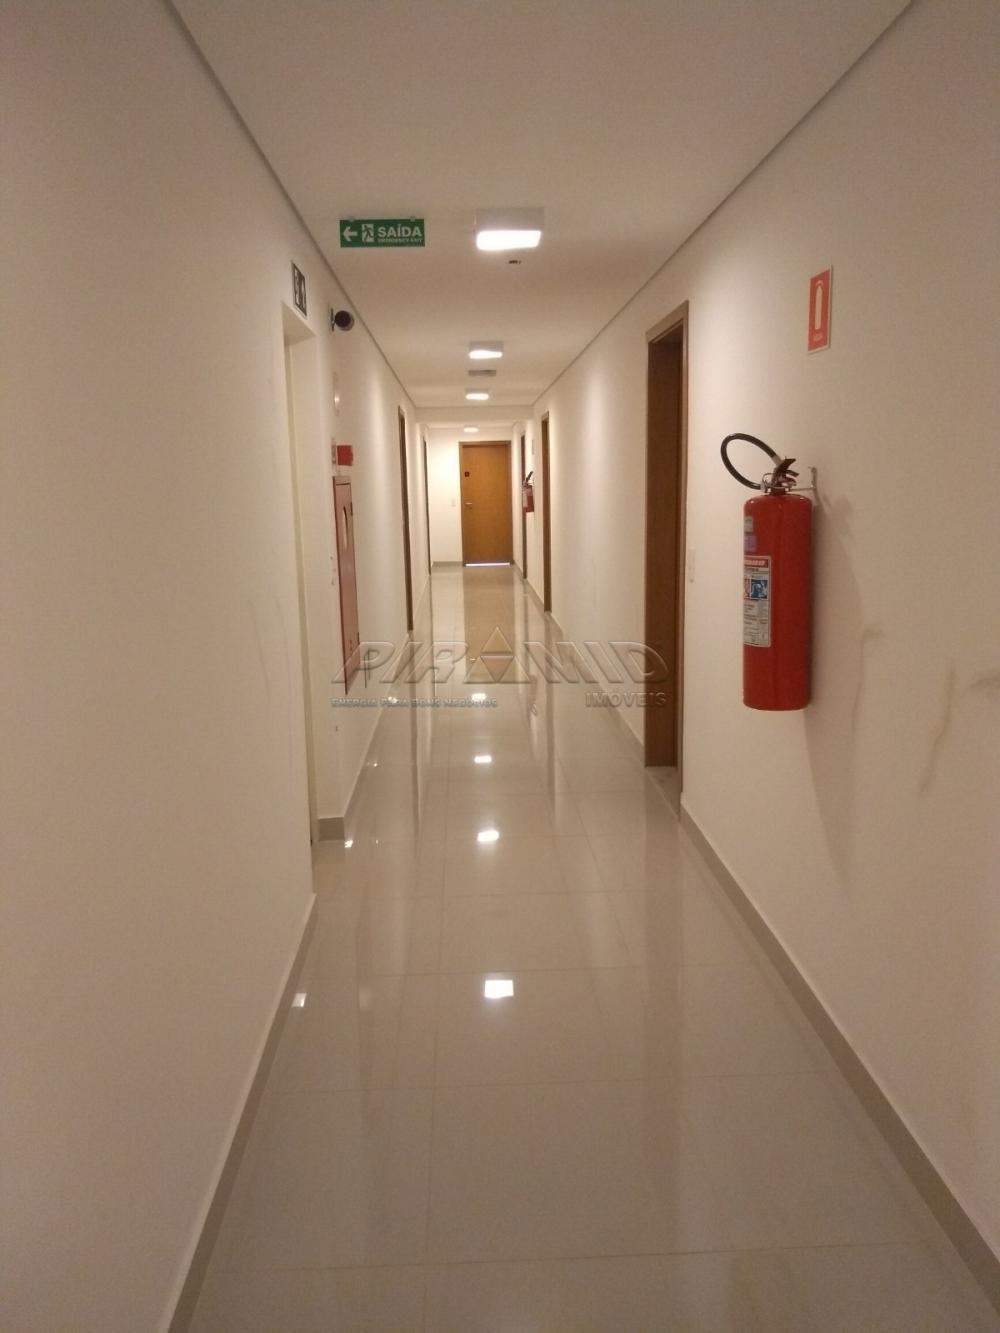 Alugar Apartamento / Padrão em Ribeirão Preto R$ 1.700,00 - Foto 72